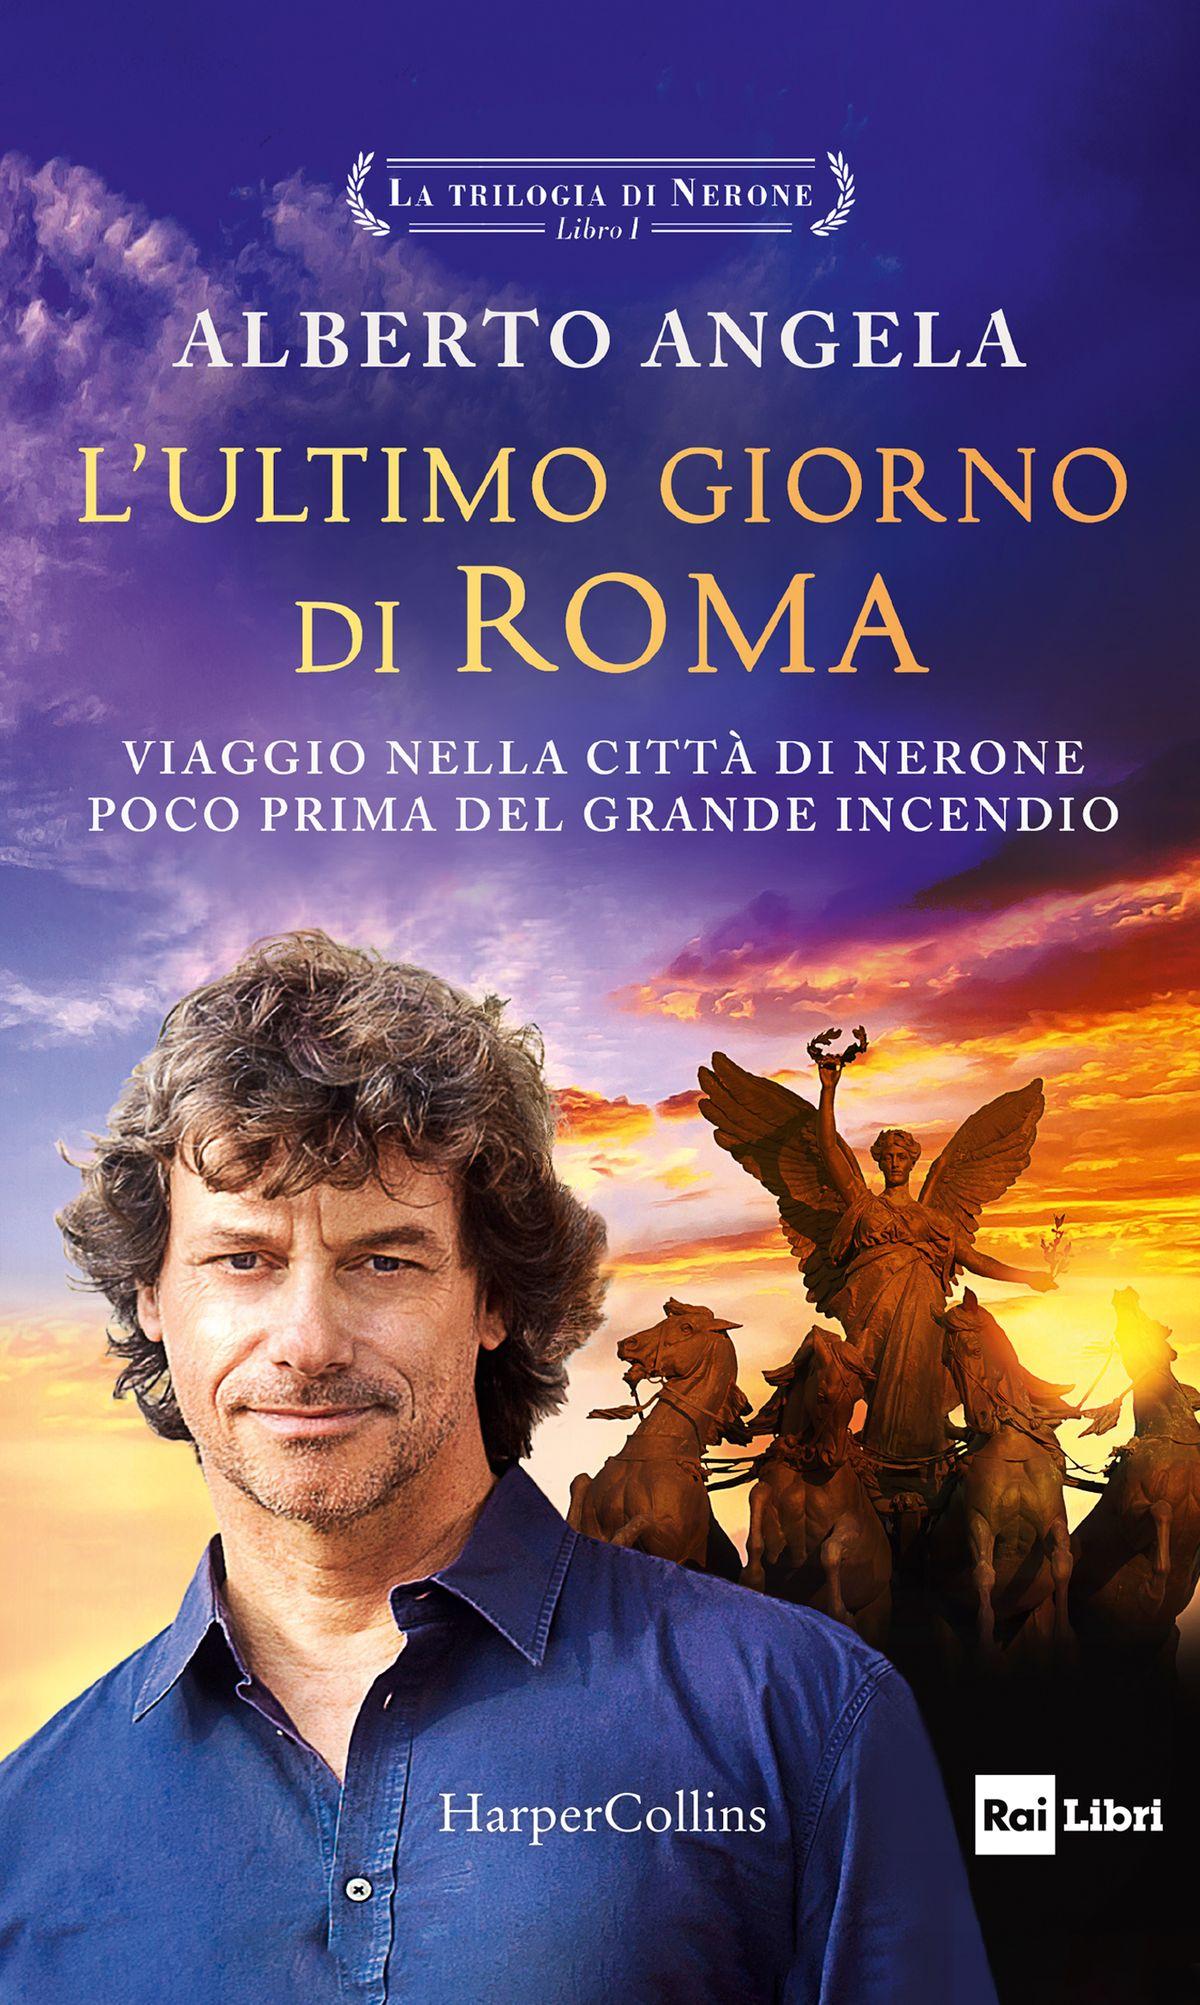 Alberto Angela torna in libreria con La Trilogia di Nerone